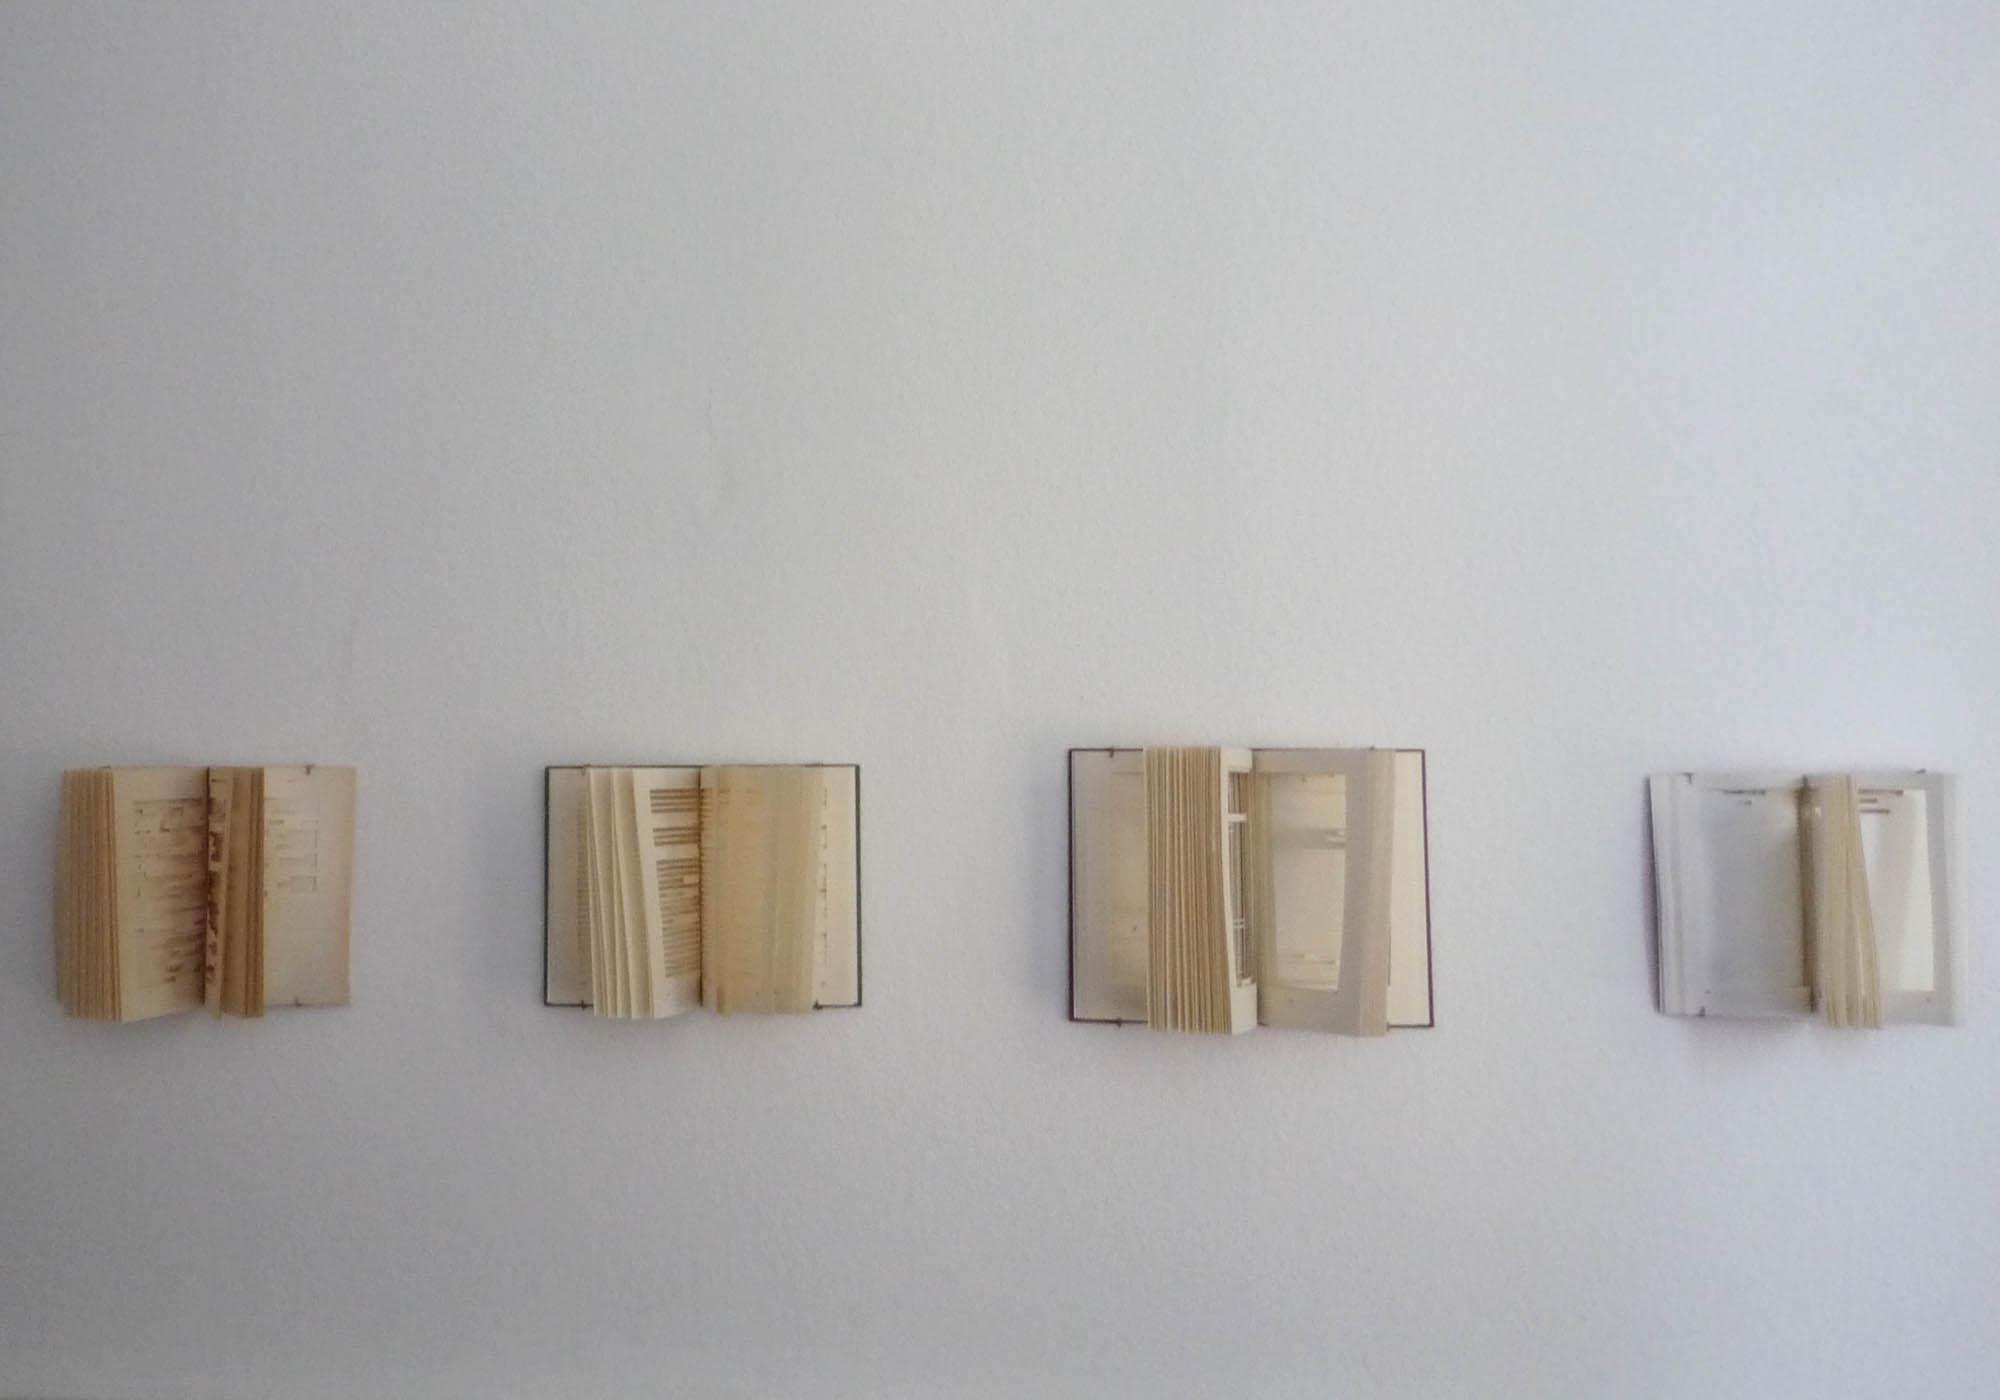 Ausstellungsansicht Hamman 19, Frankfurt